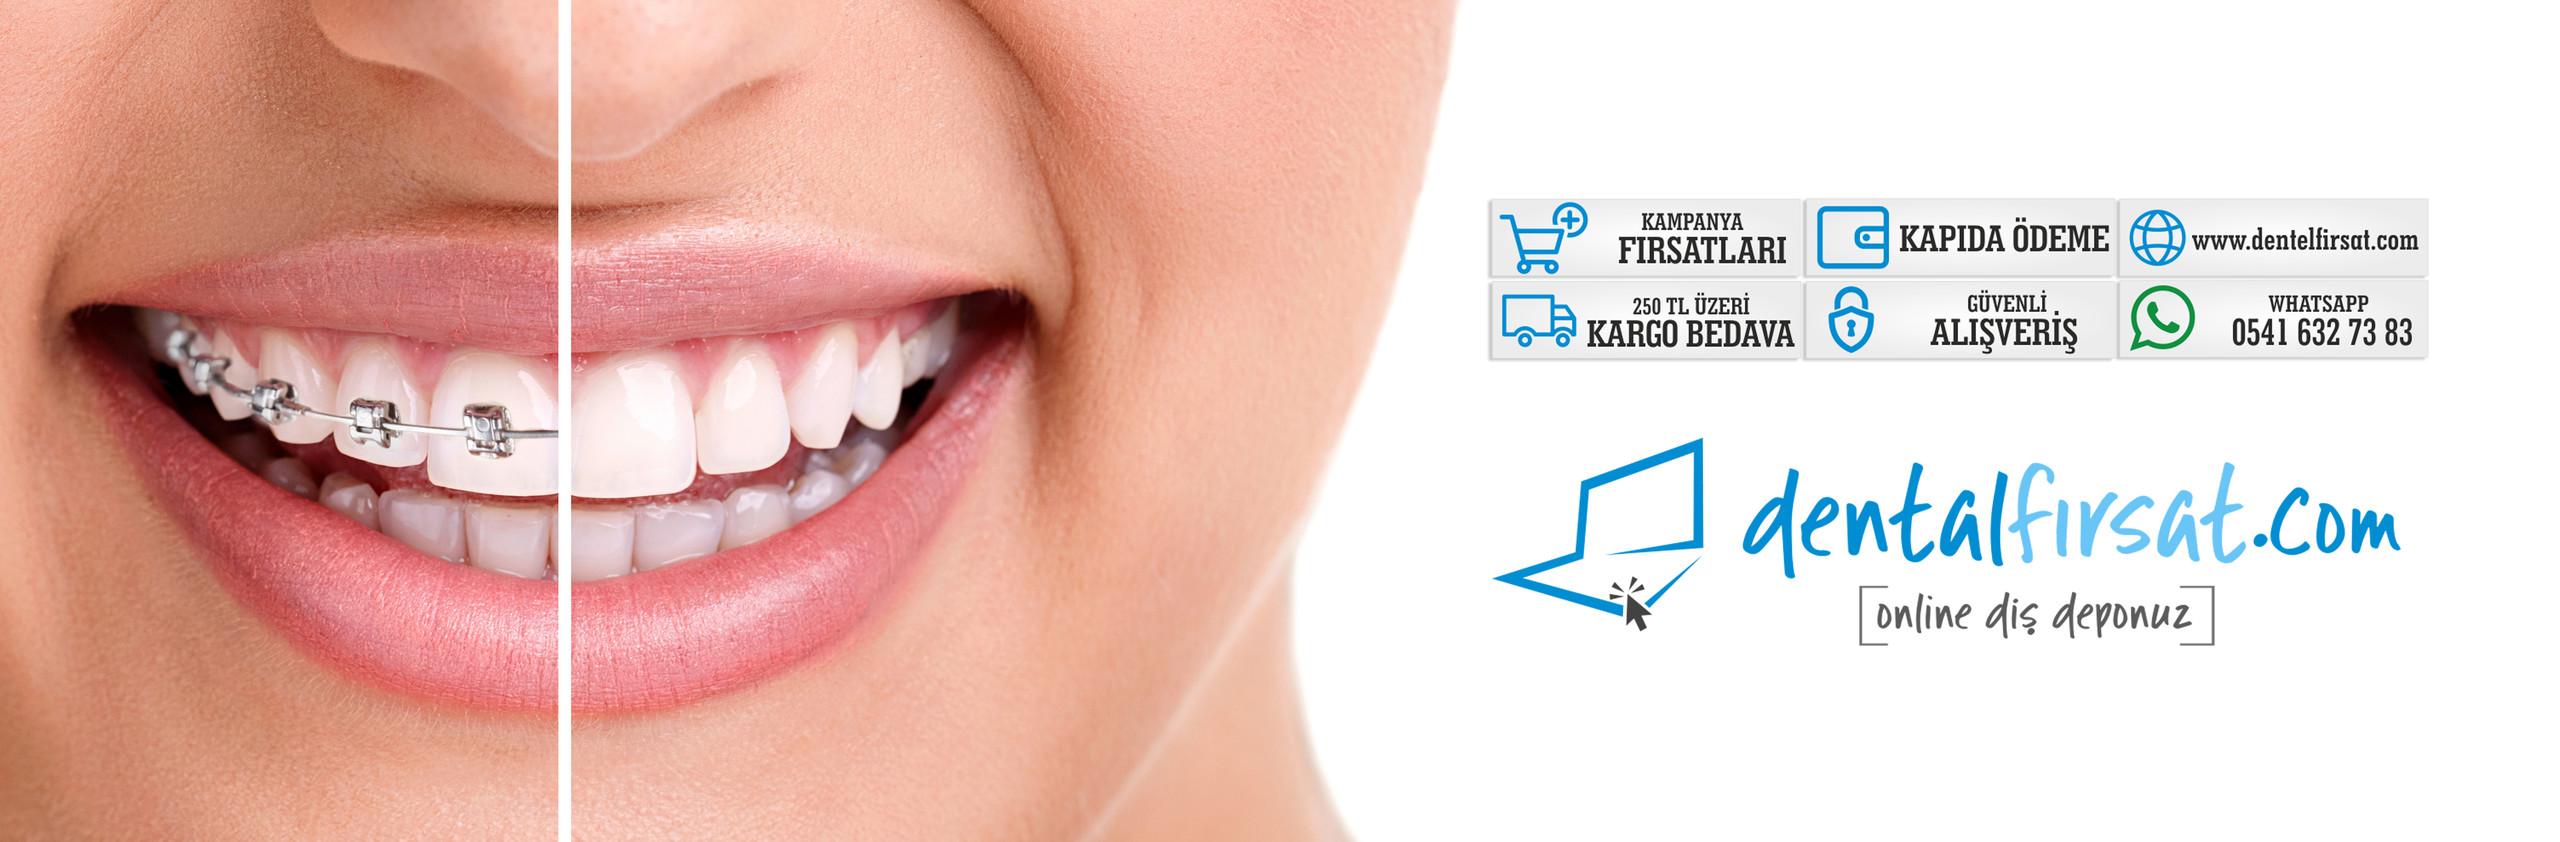 Dental Fırsat | Sedat GÜL